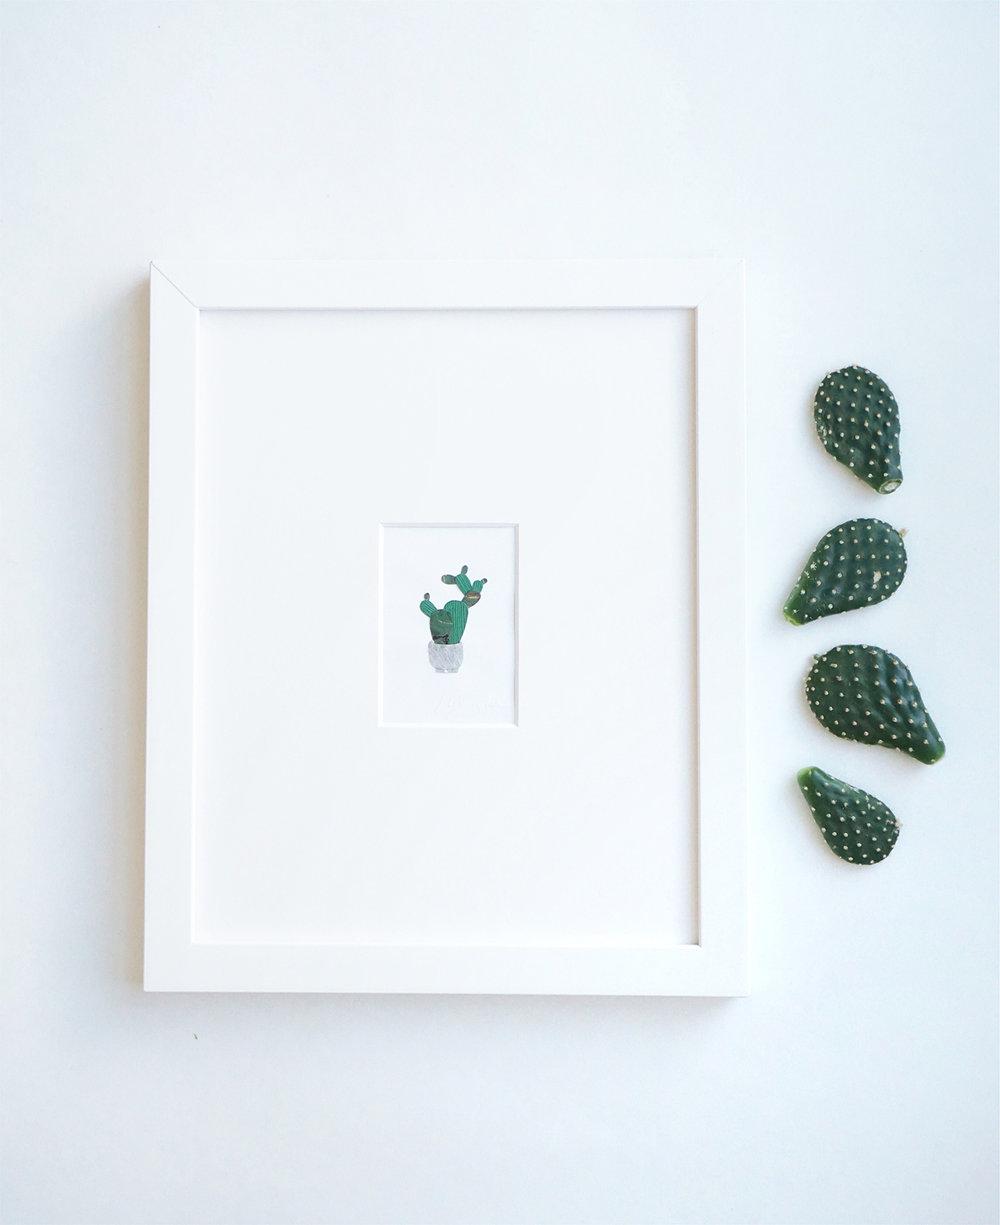 Tara Galuska CactusArtwork.jpg